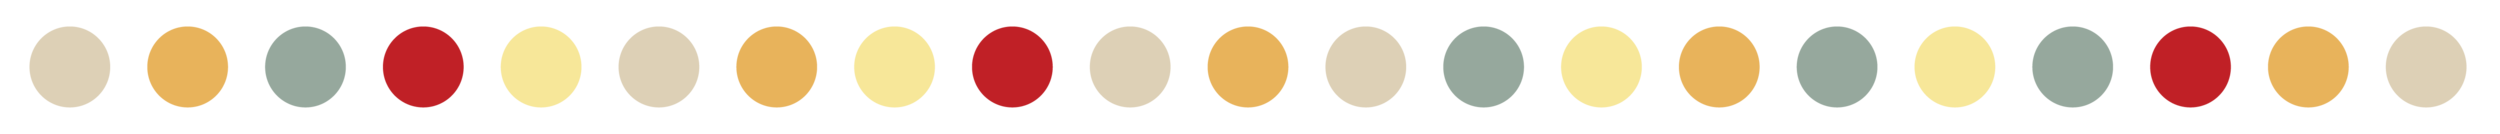 Web Divider_Large Dots_v1.png